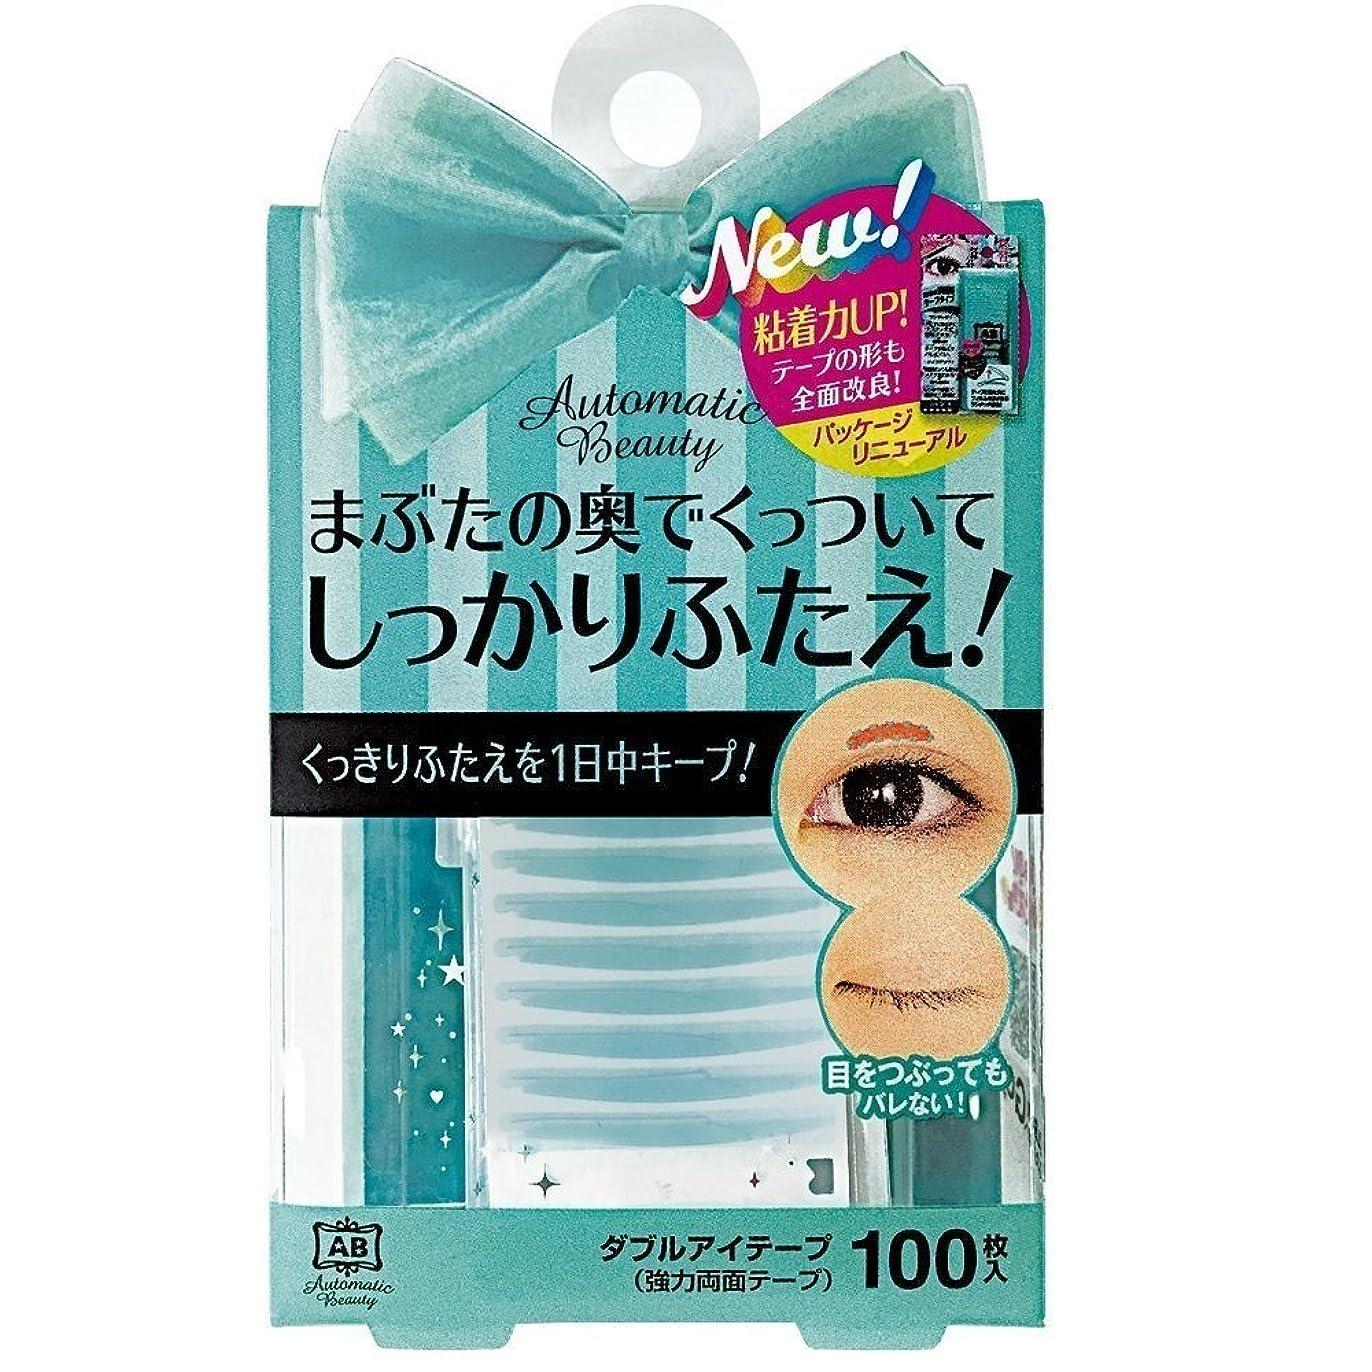 不信ハムマルクス主義Automatic Beauty(オートマティックビューティ) ダブルアイテープ 100枚